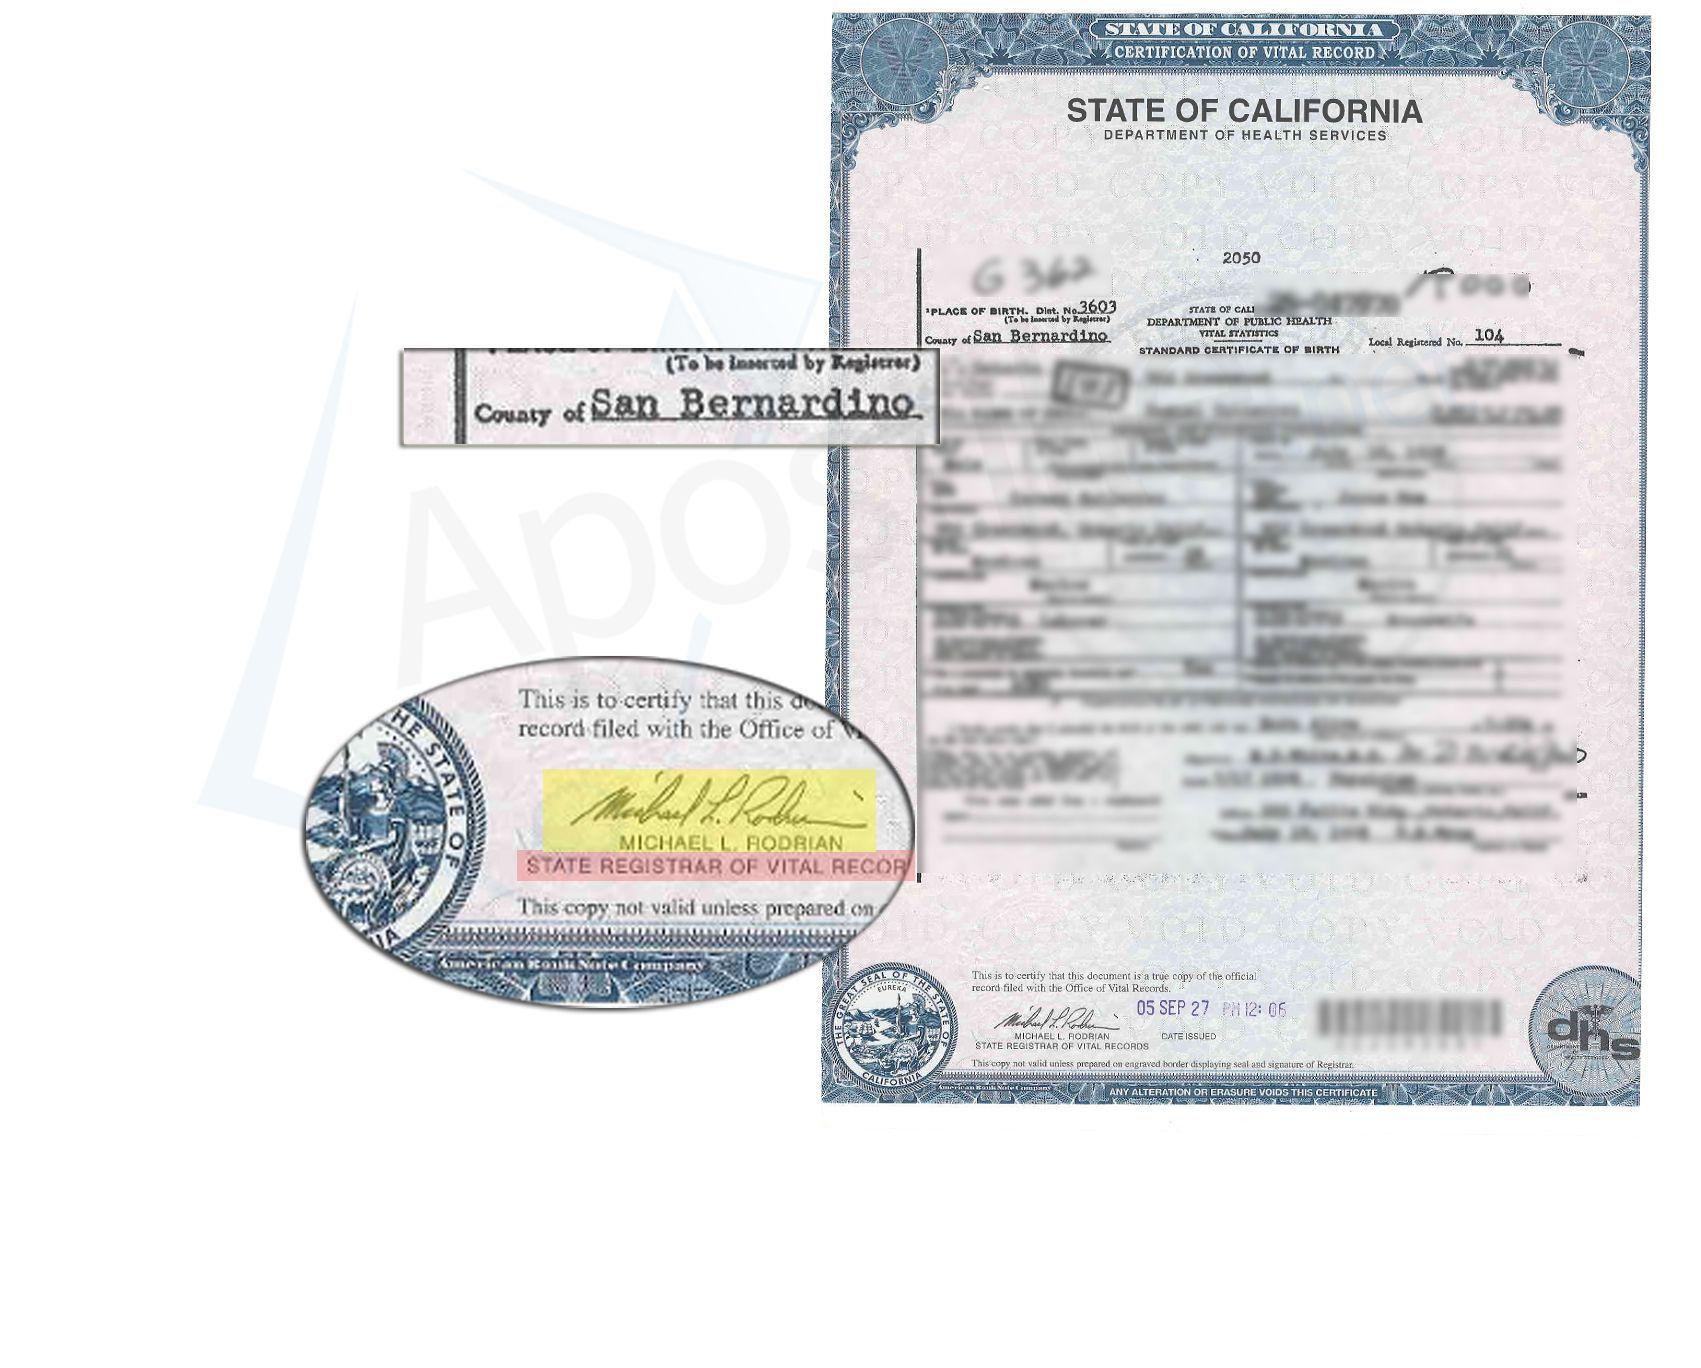 Birth records birth certificate template vital records